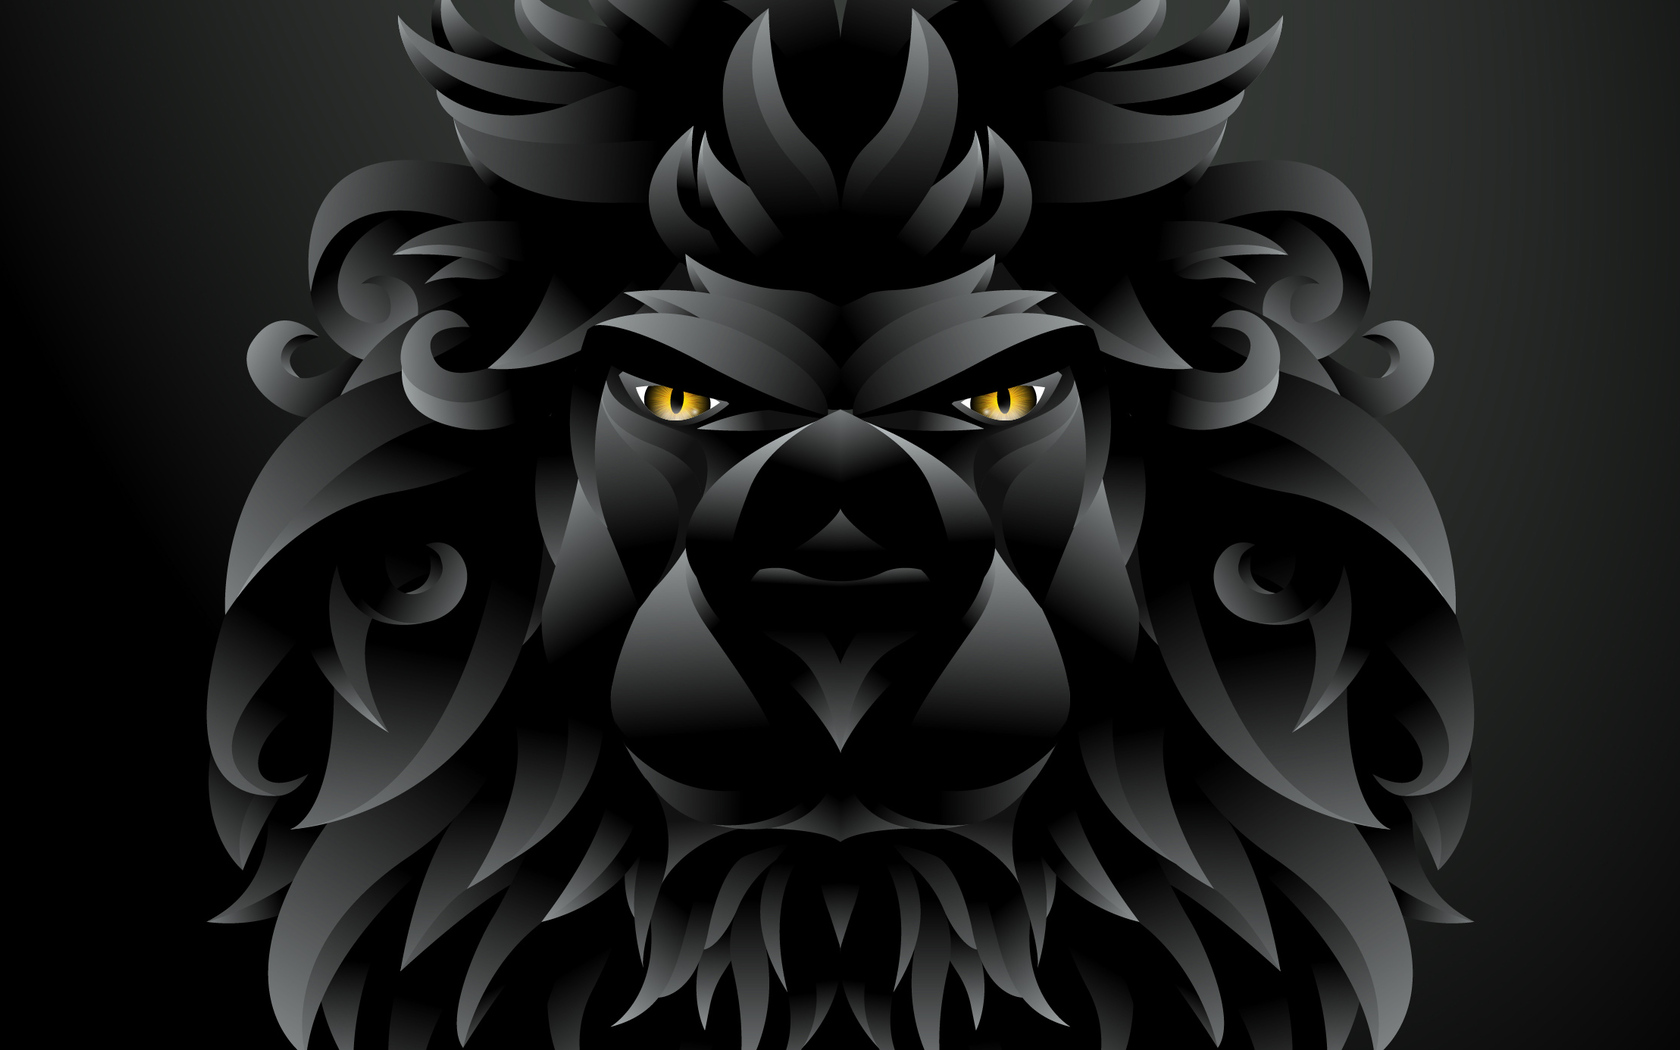 dark-black-lion-illustration-qs.jpg